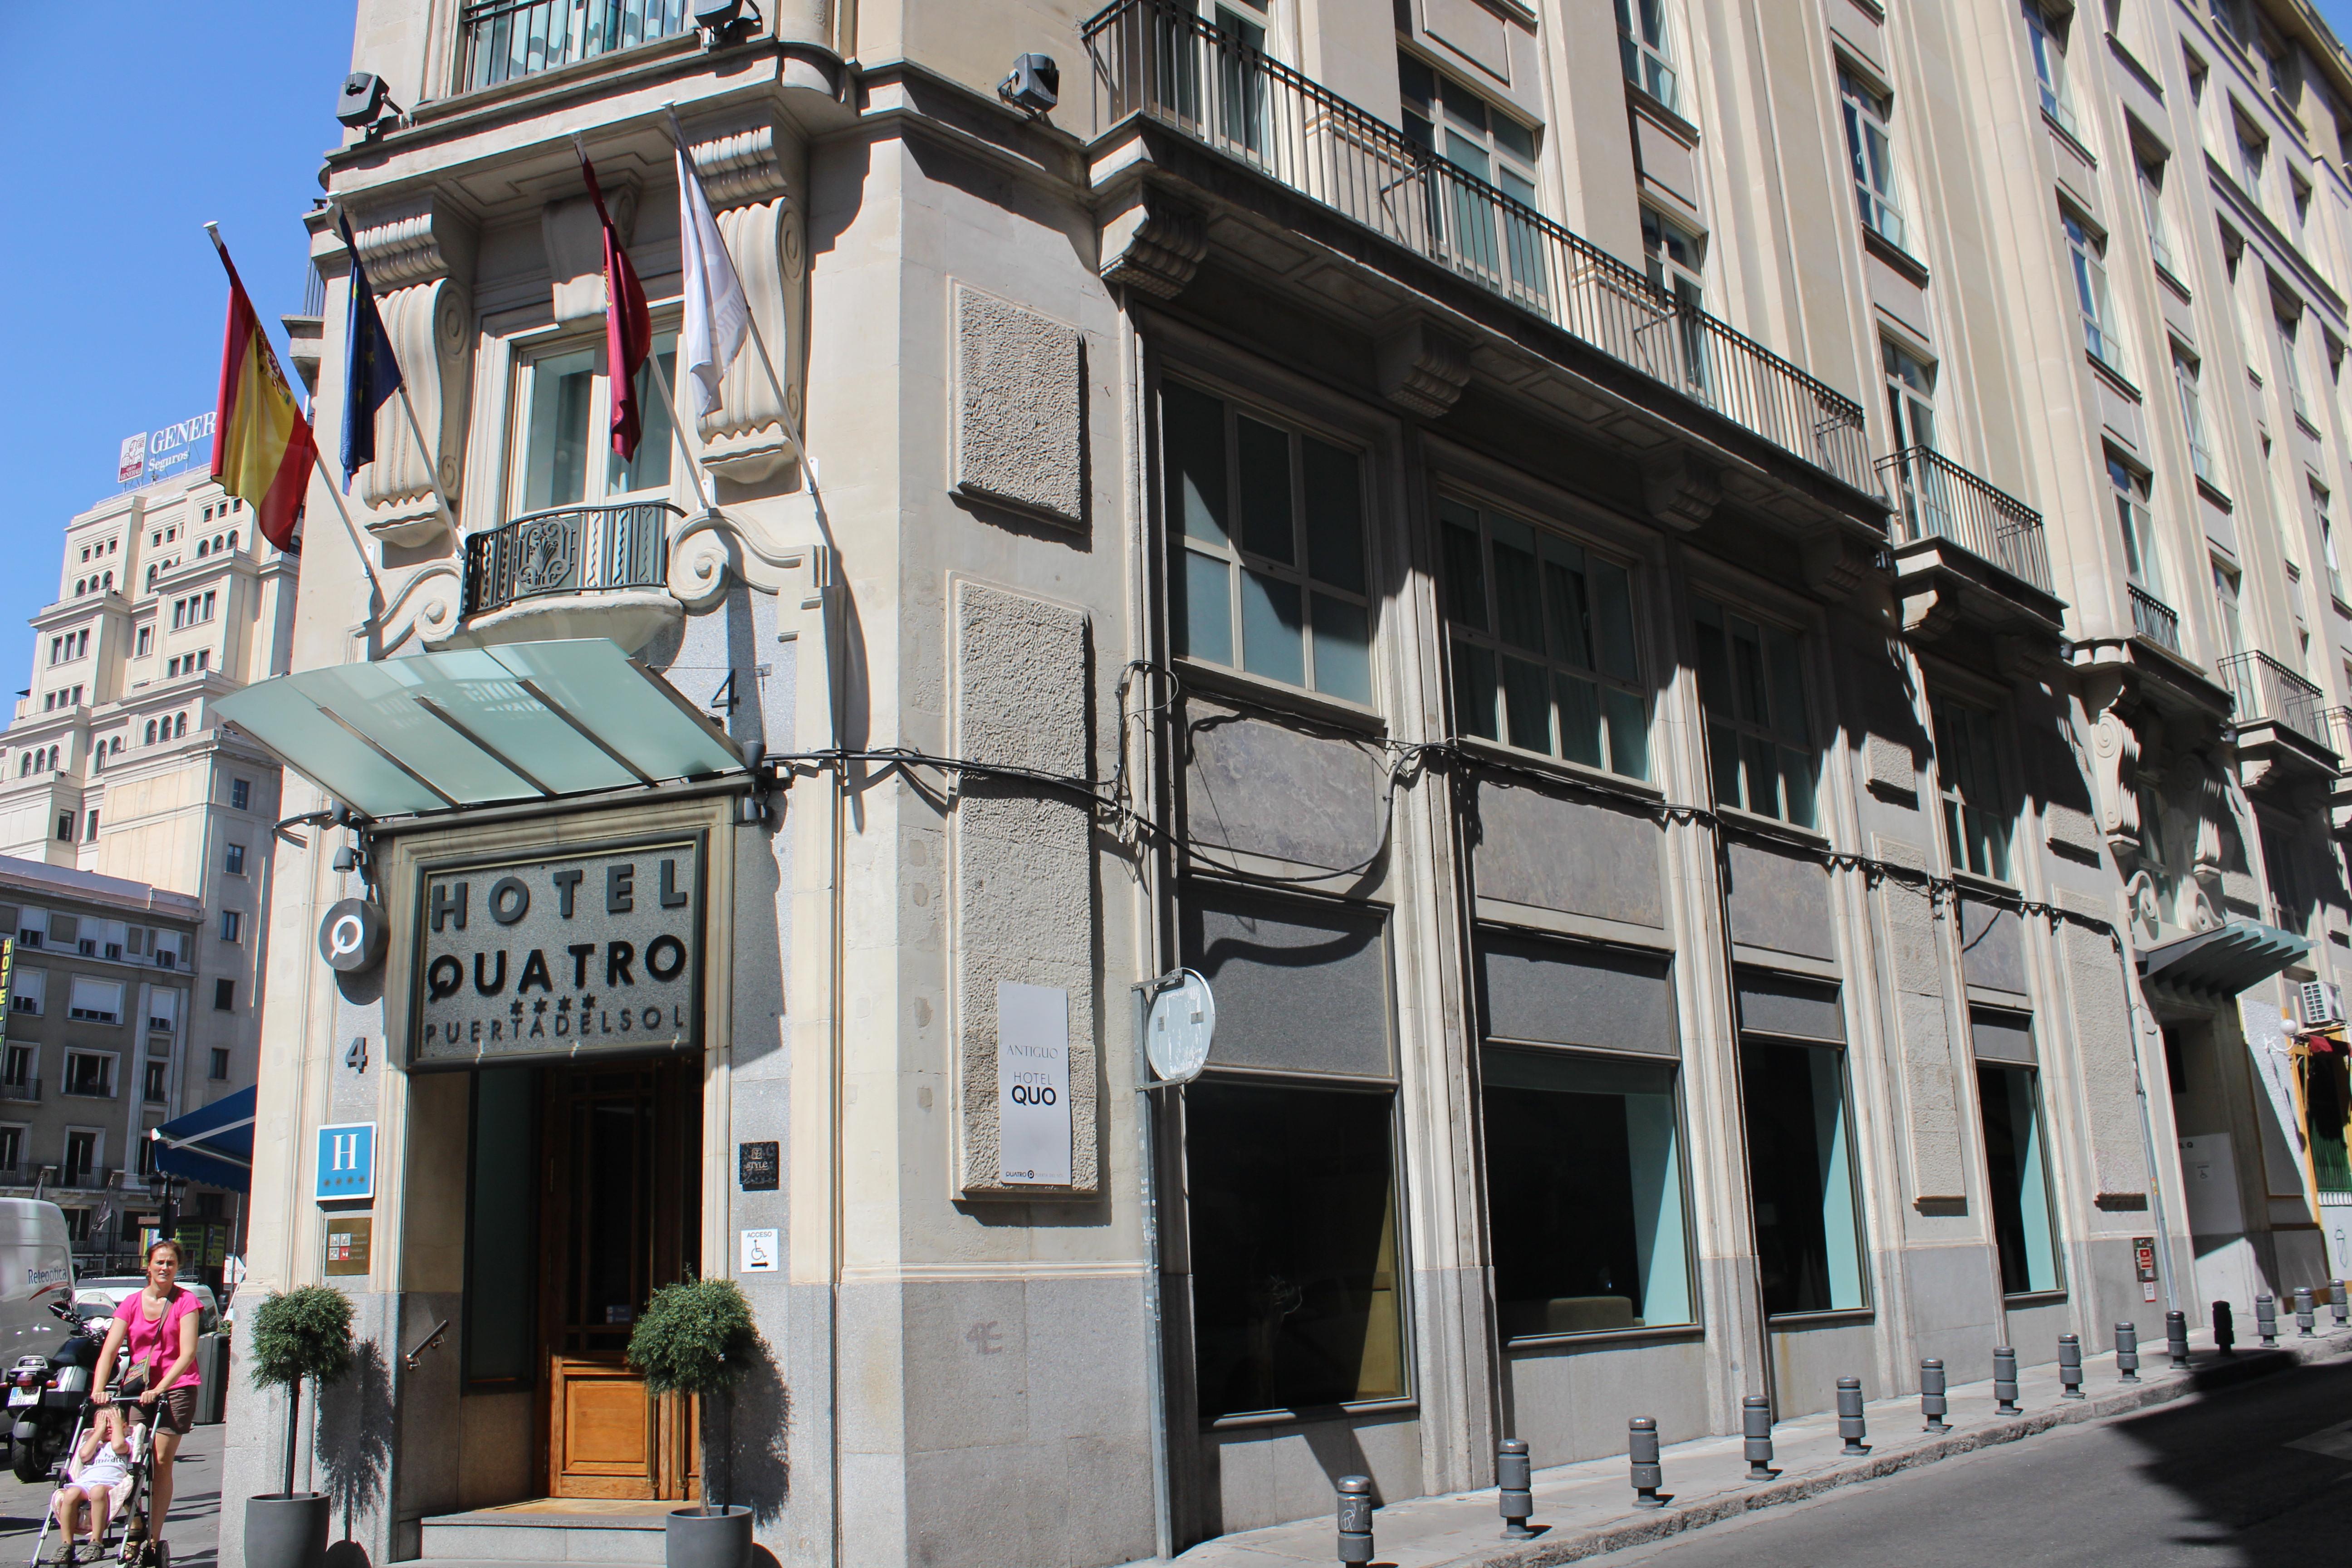 Review hotel quatro puerta del sol in madrid the travelling squid - Pension puerta del sol ...